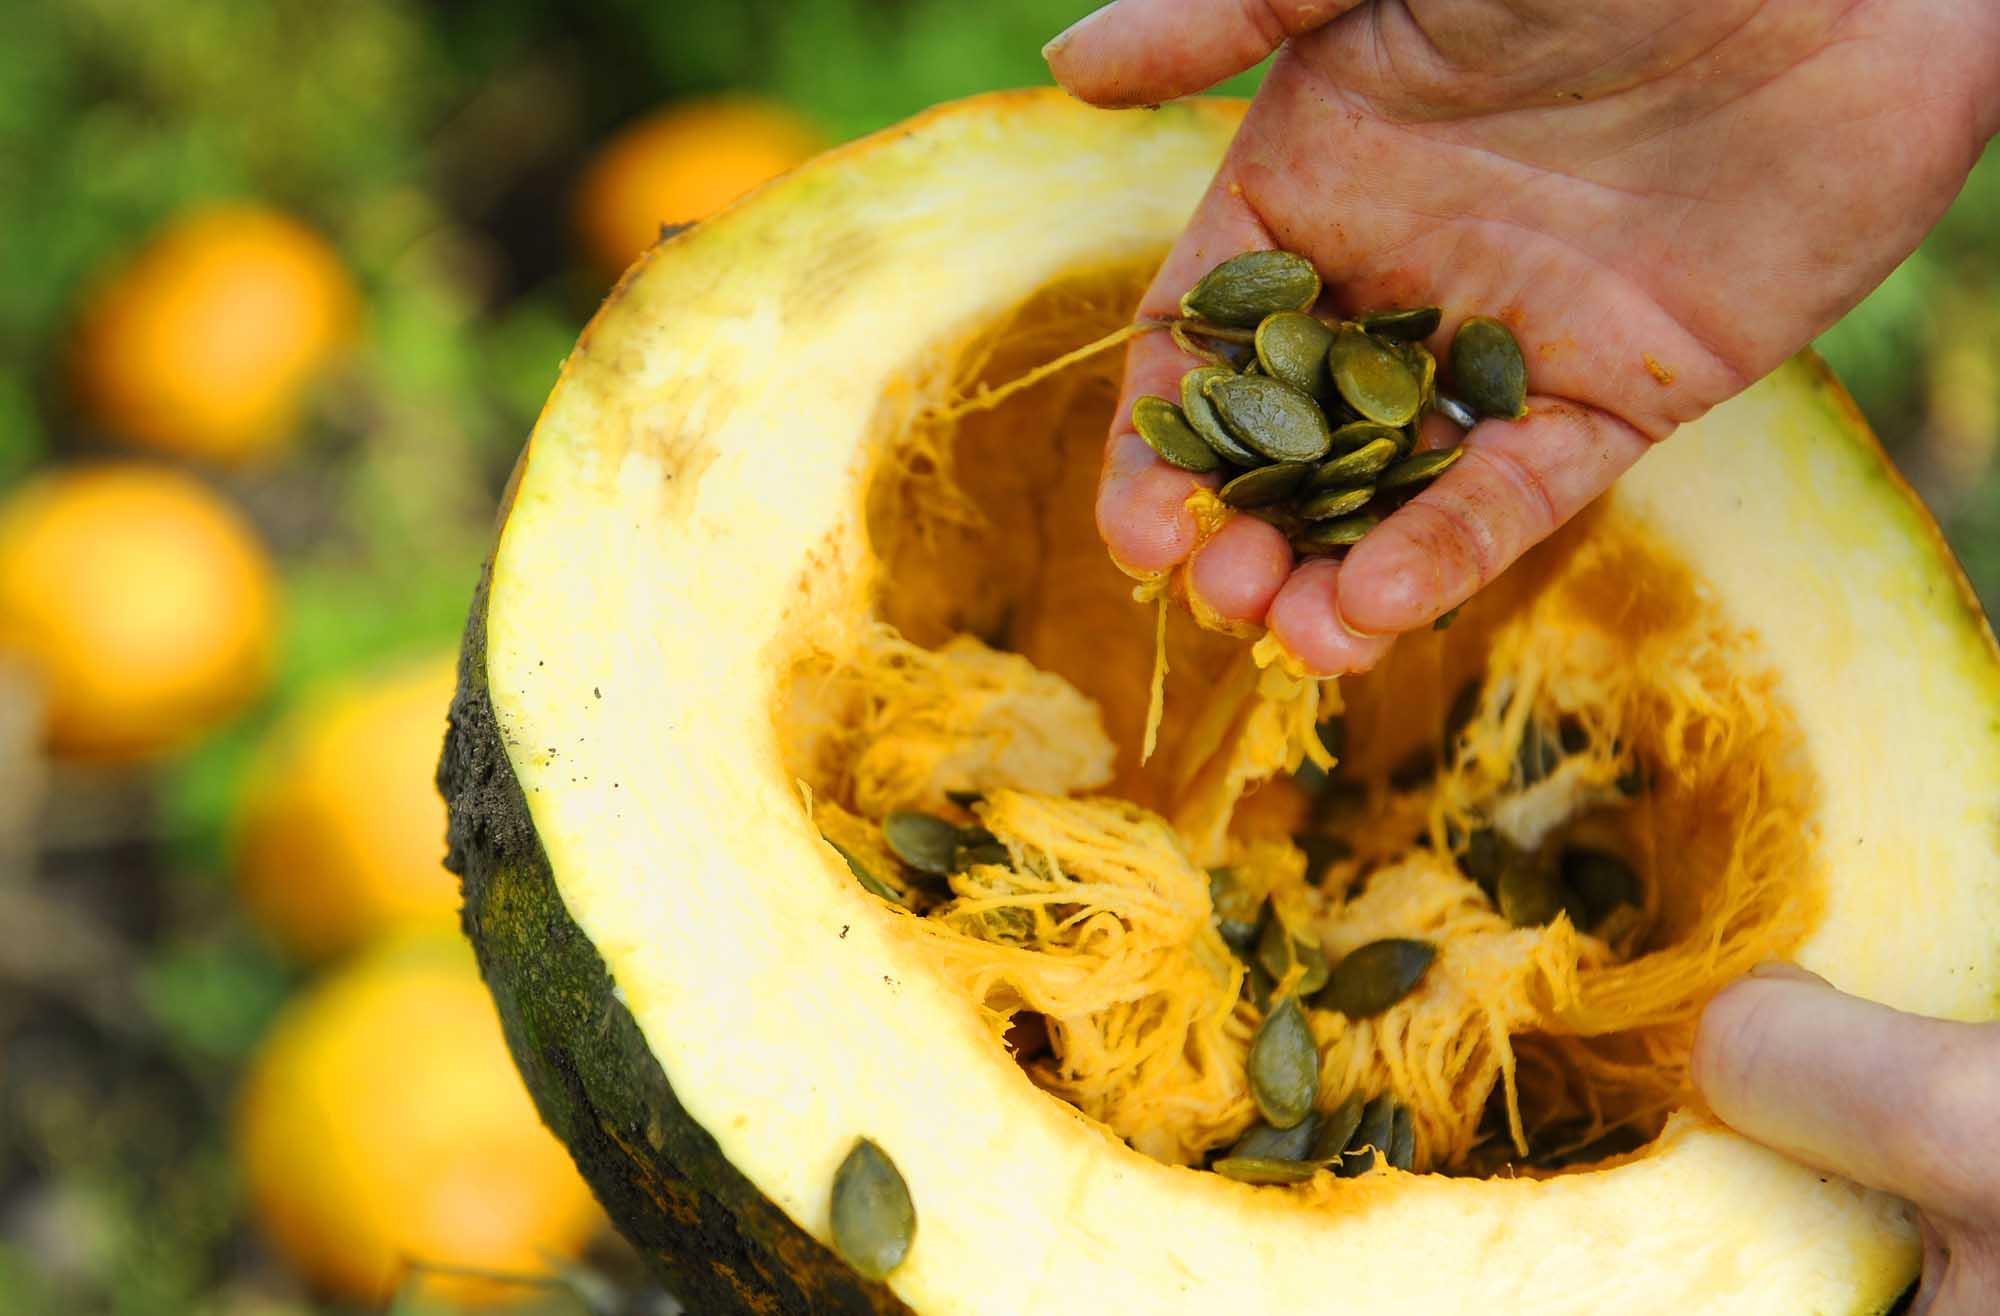 Styrian Hulless Pumpkin Seeds